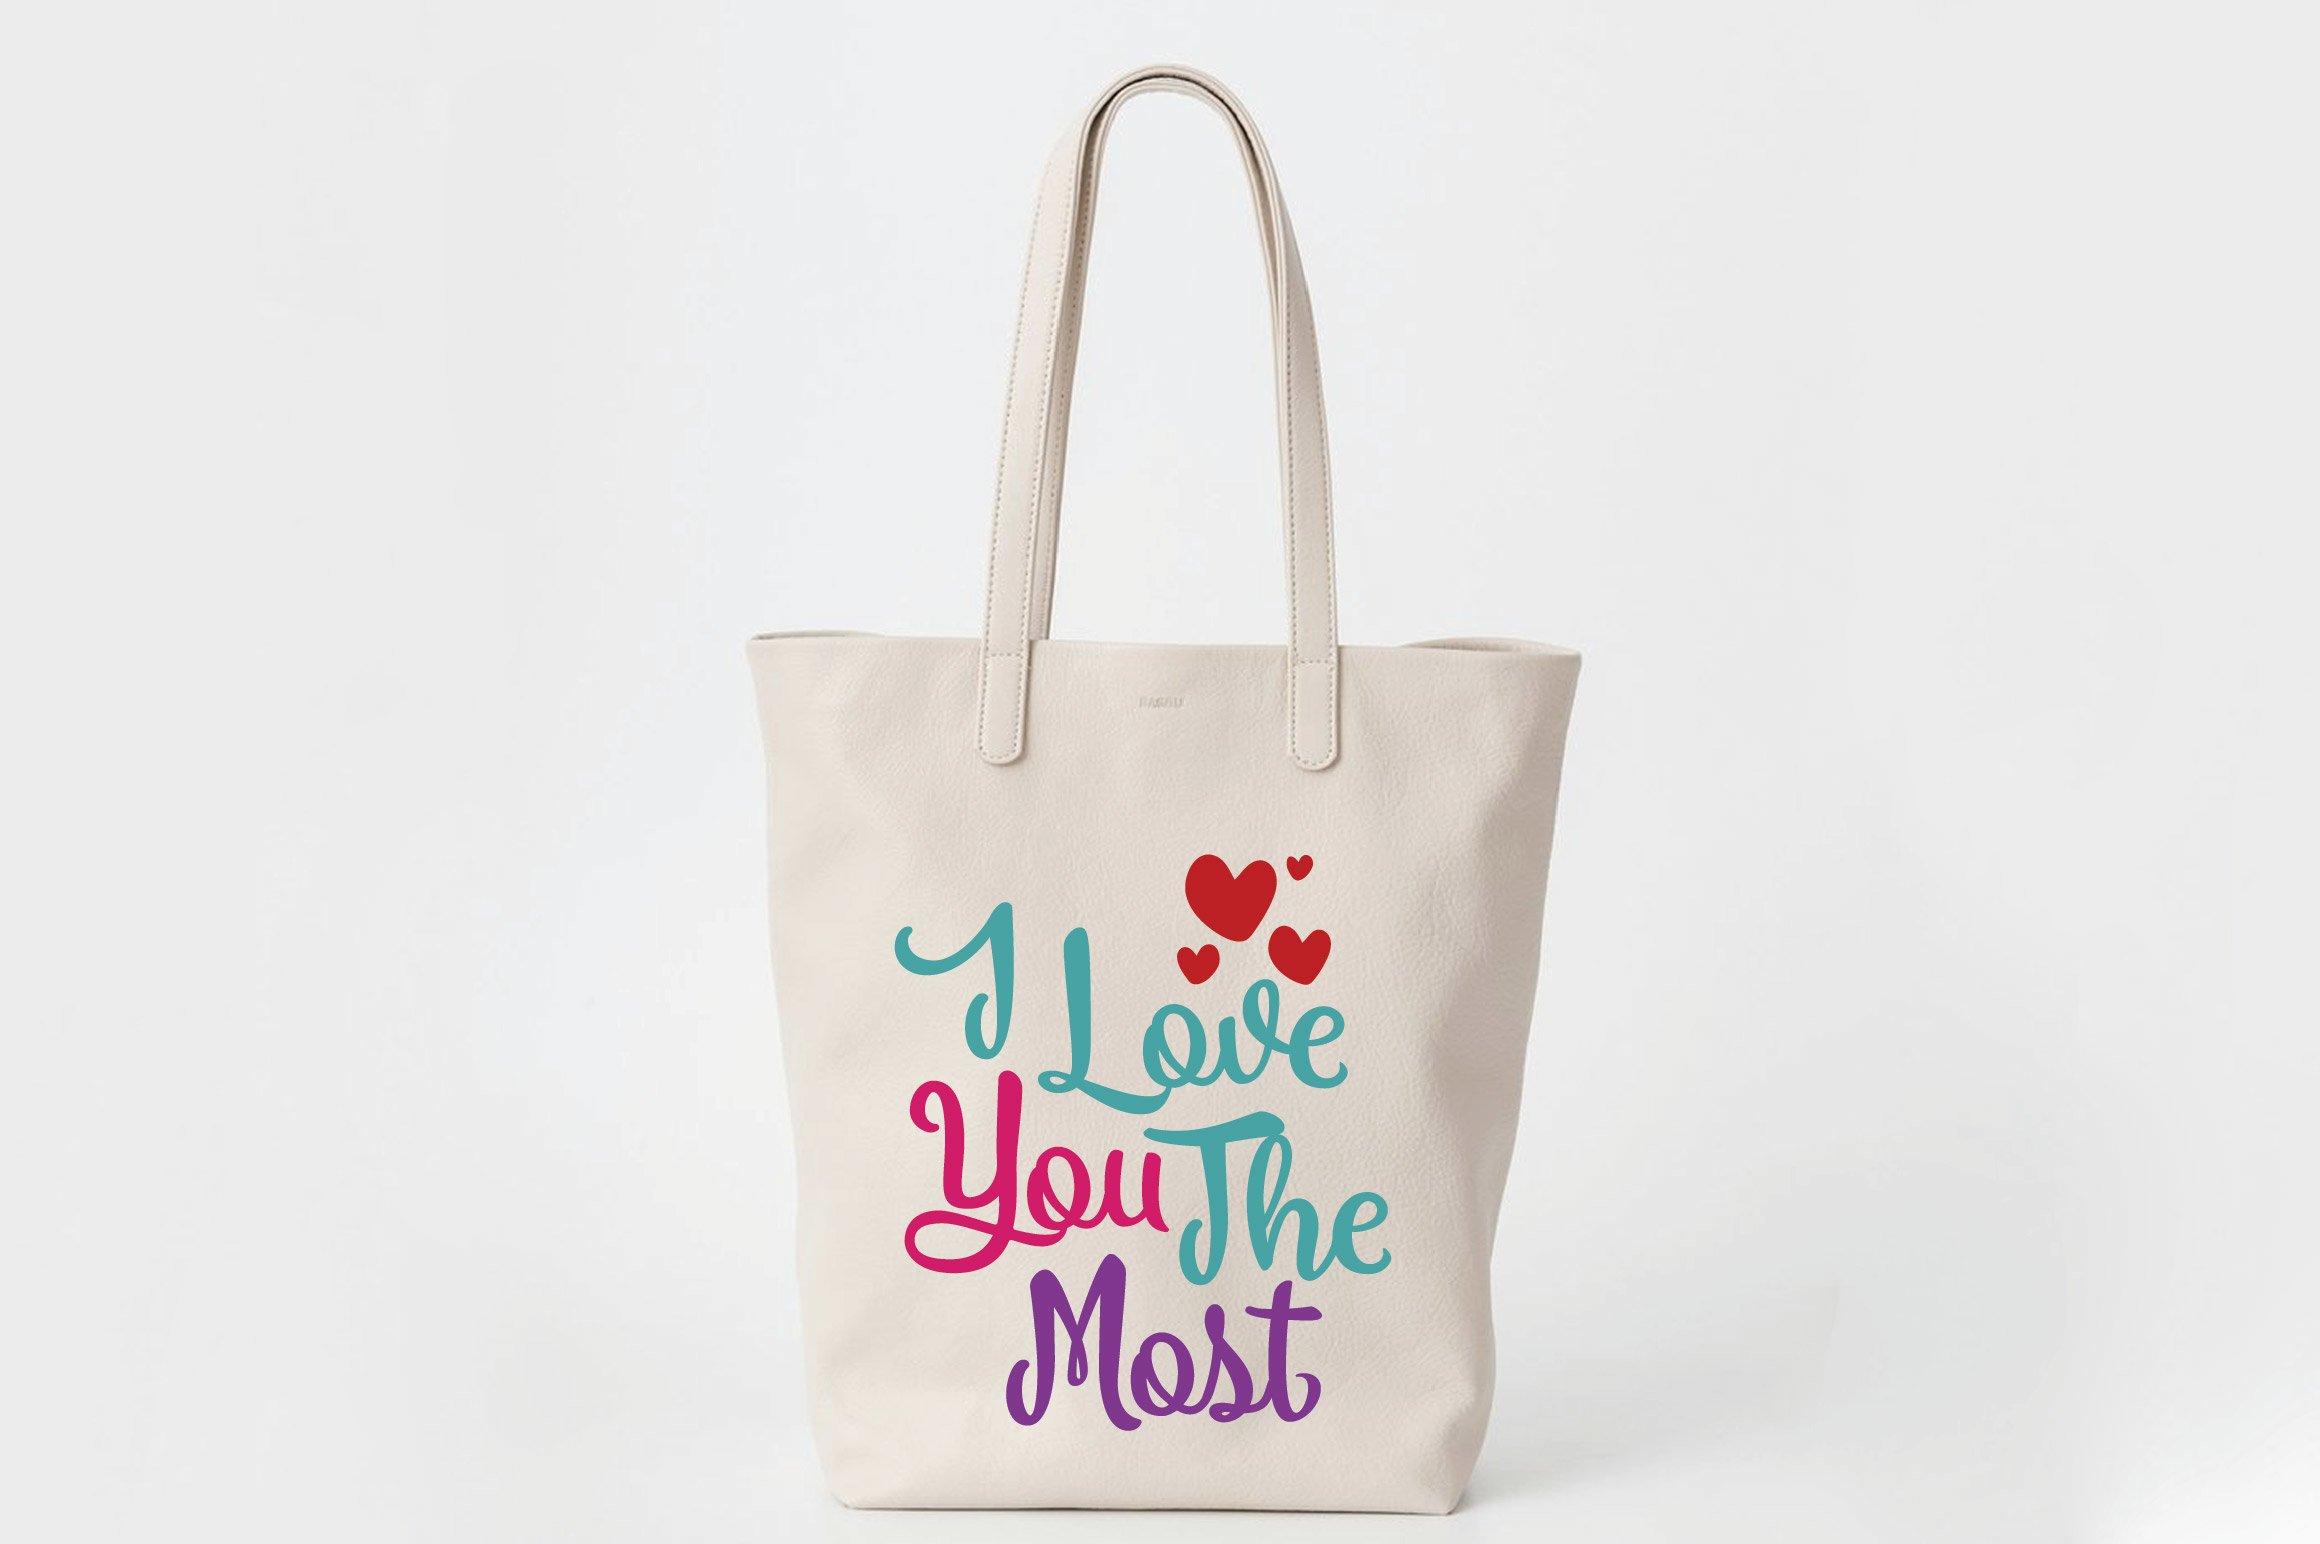 I Love You The Most Svg Cut File Valentine Svg Eps Dxf Png 180803 Svgs Design Bundles